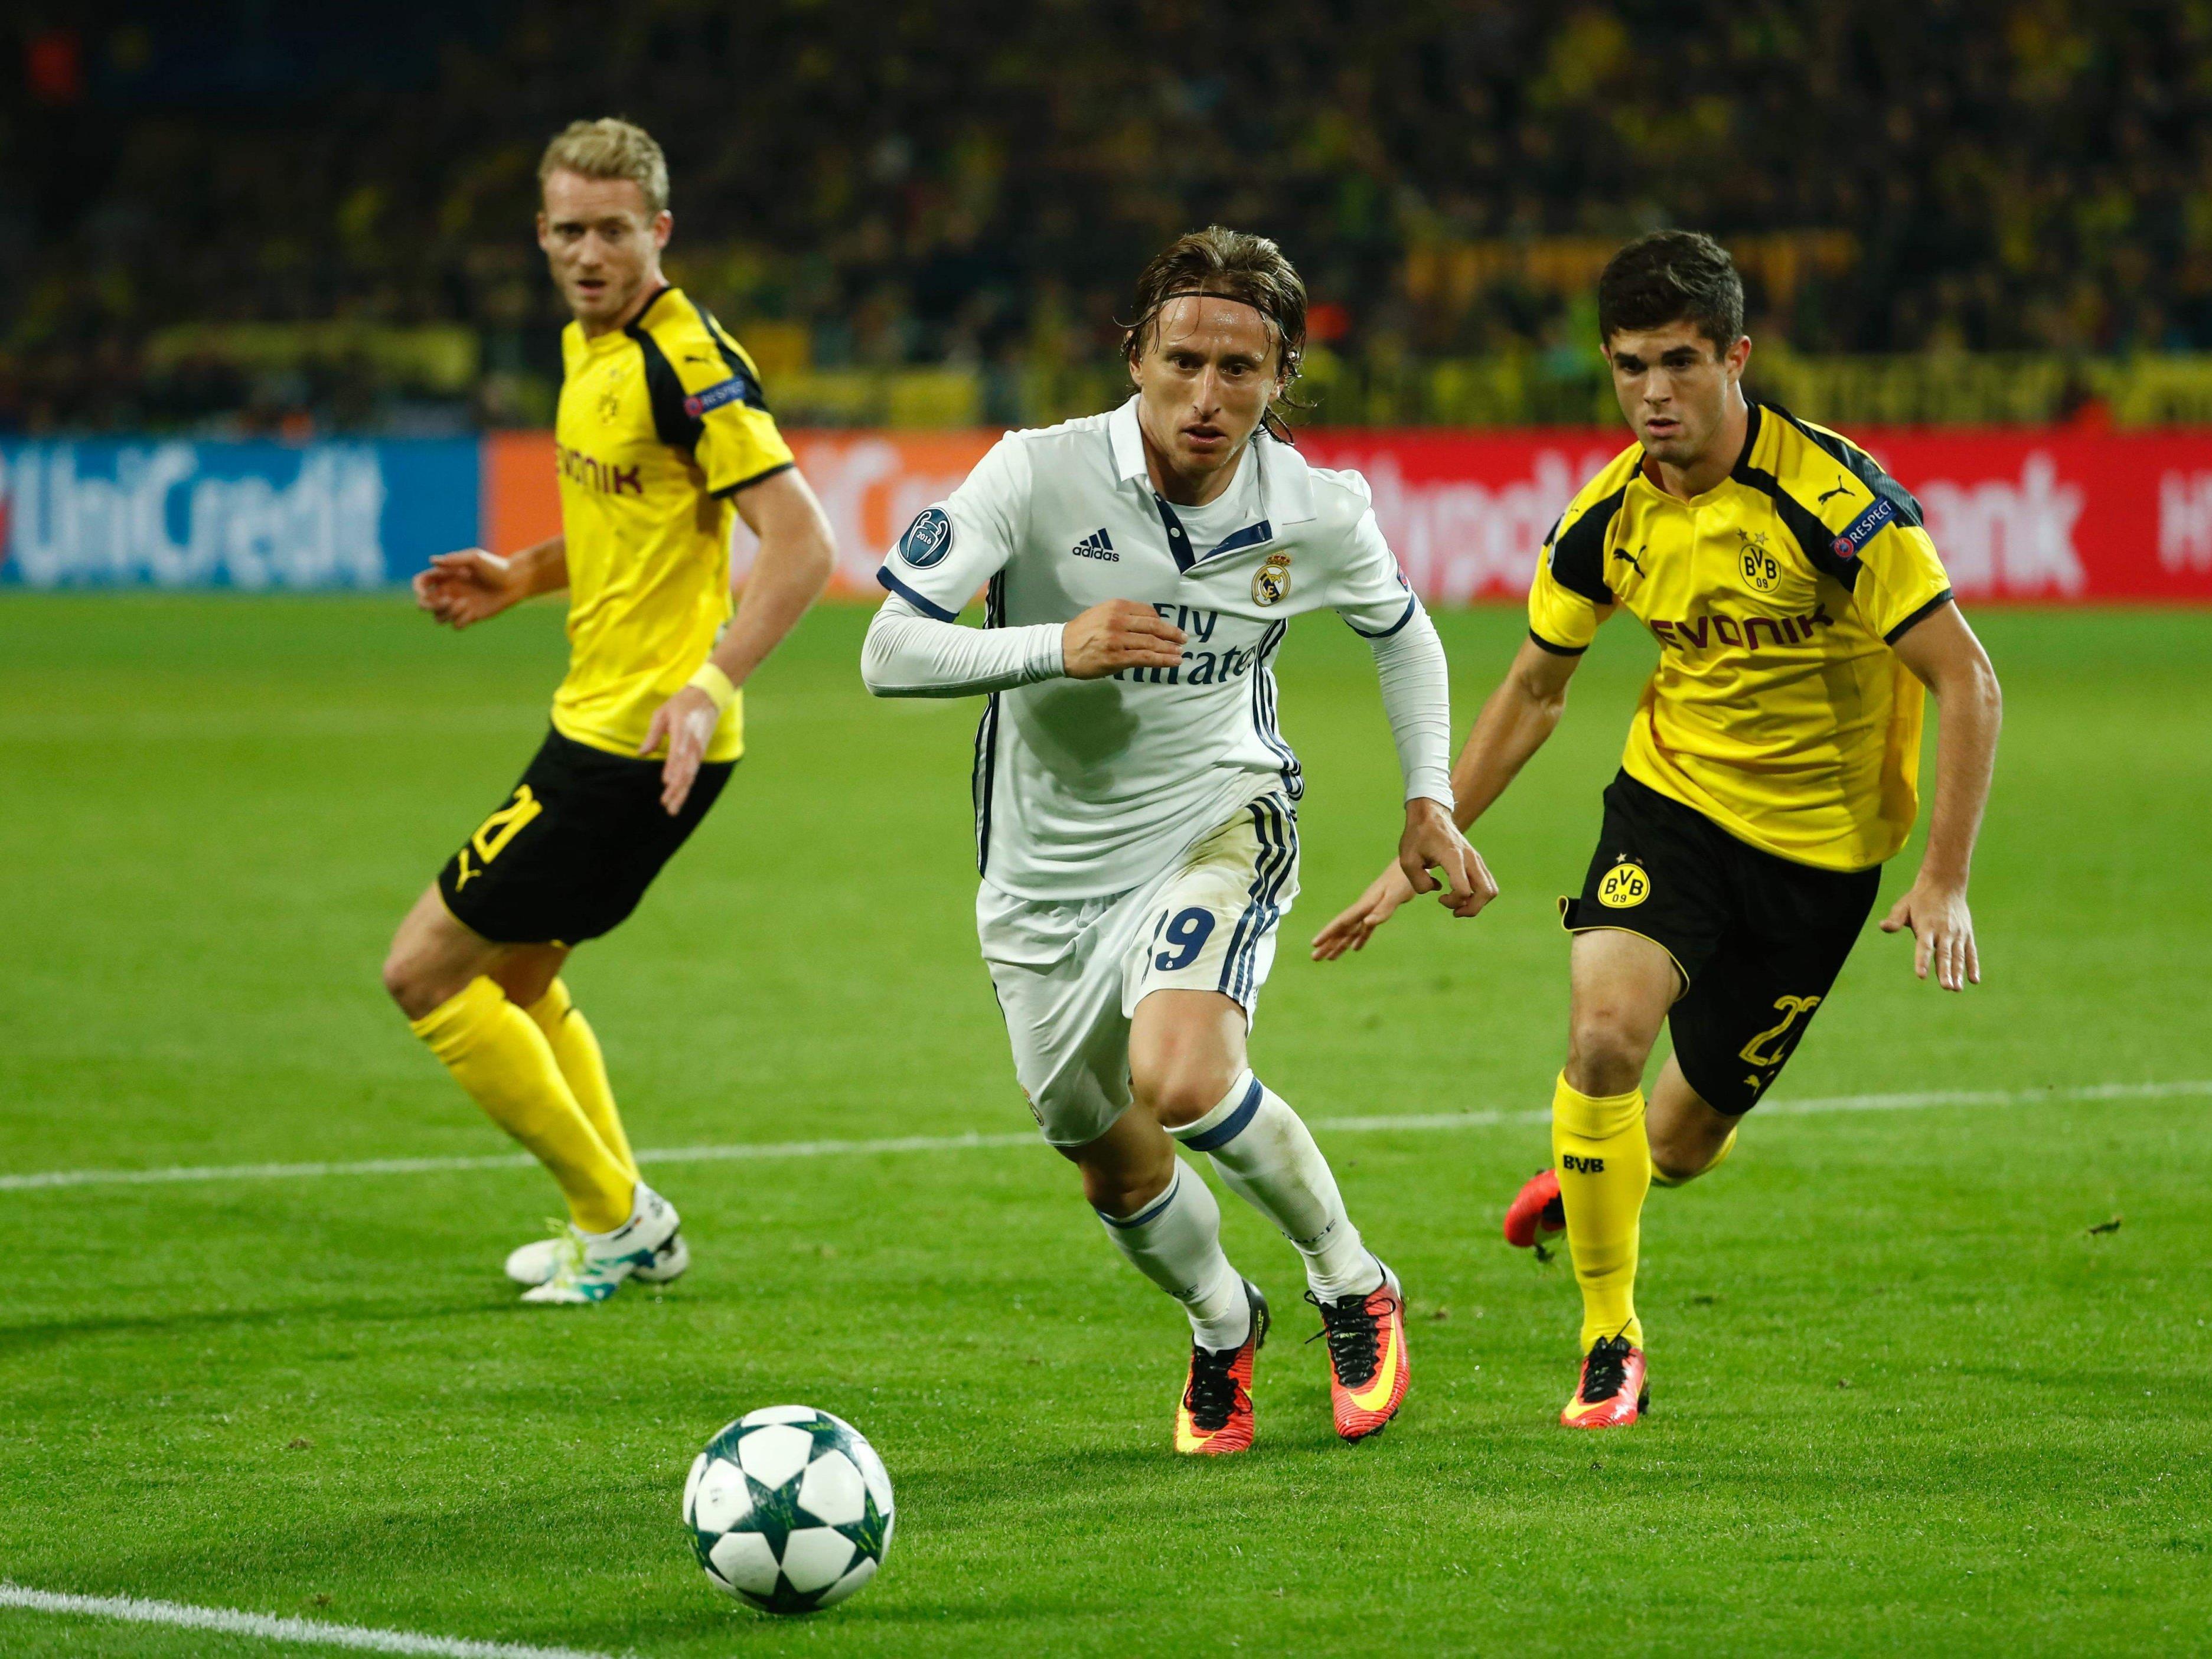 Hier Wird Real Madrid Gegen Borussia Dortmund Bvb Gezeigt Live